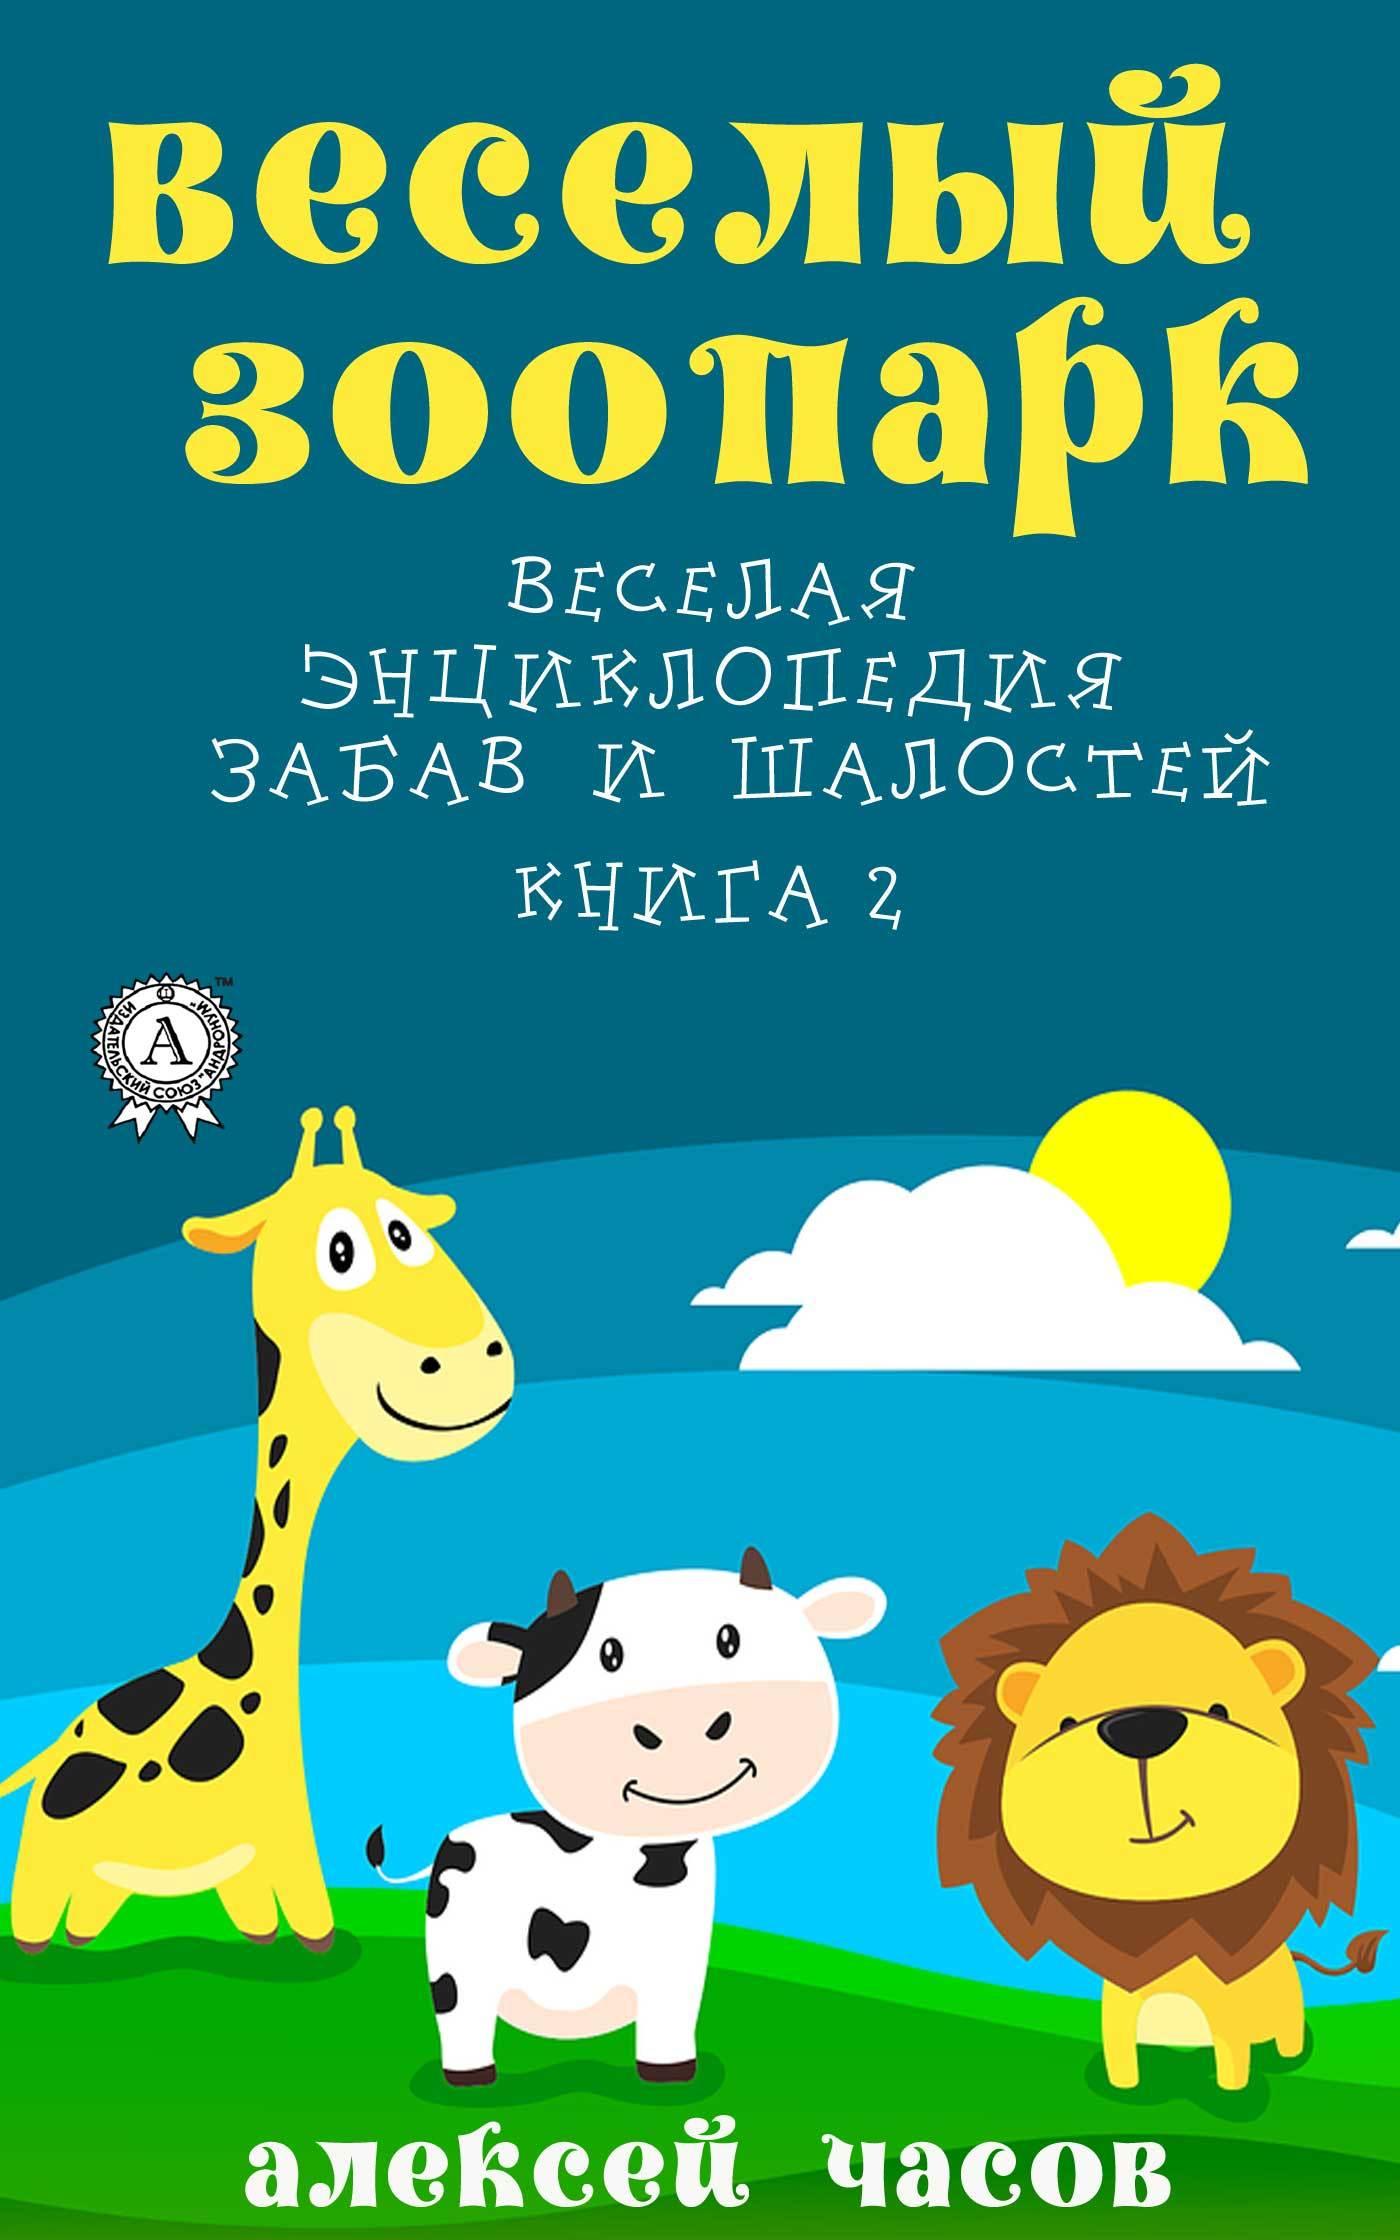 Веселый зоопарк Веселая энциклопедия забав и шалостей. Книга 2